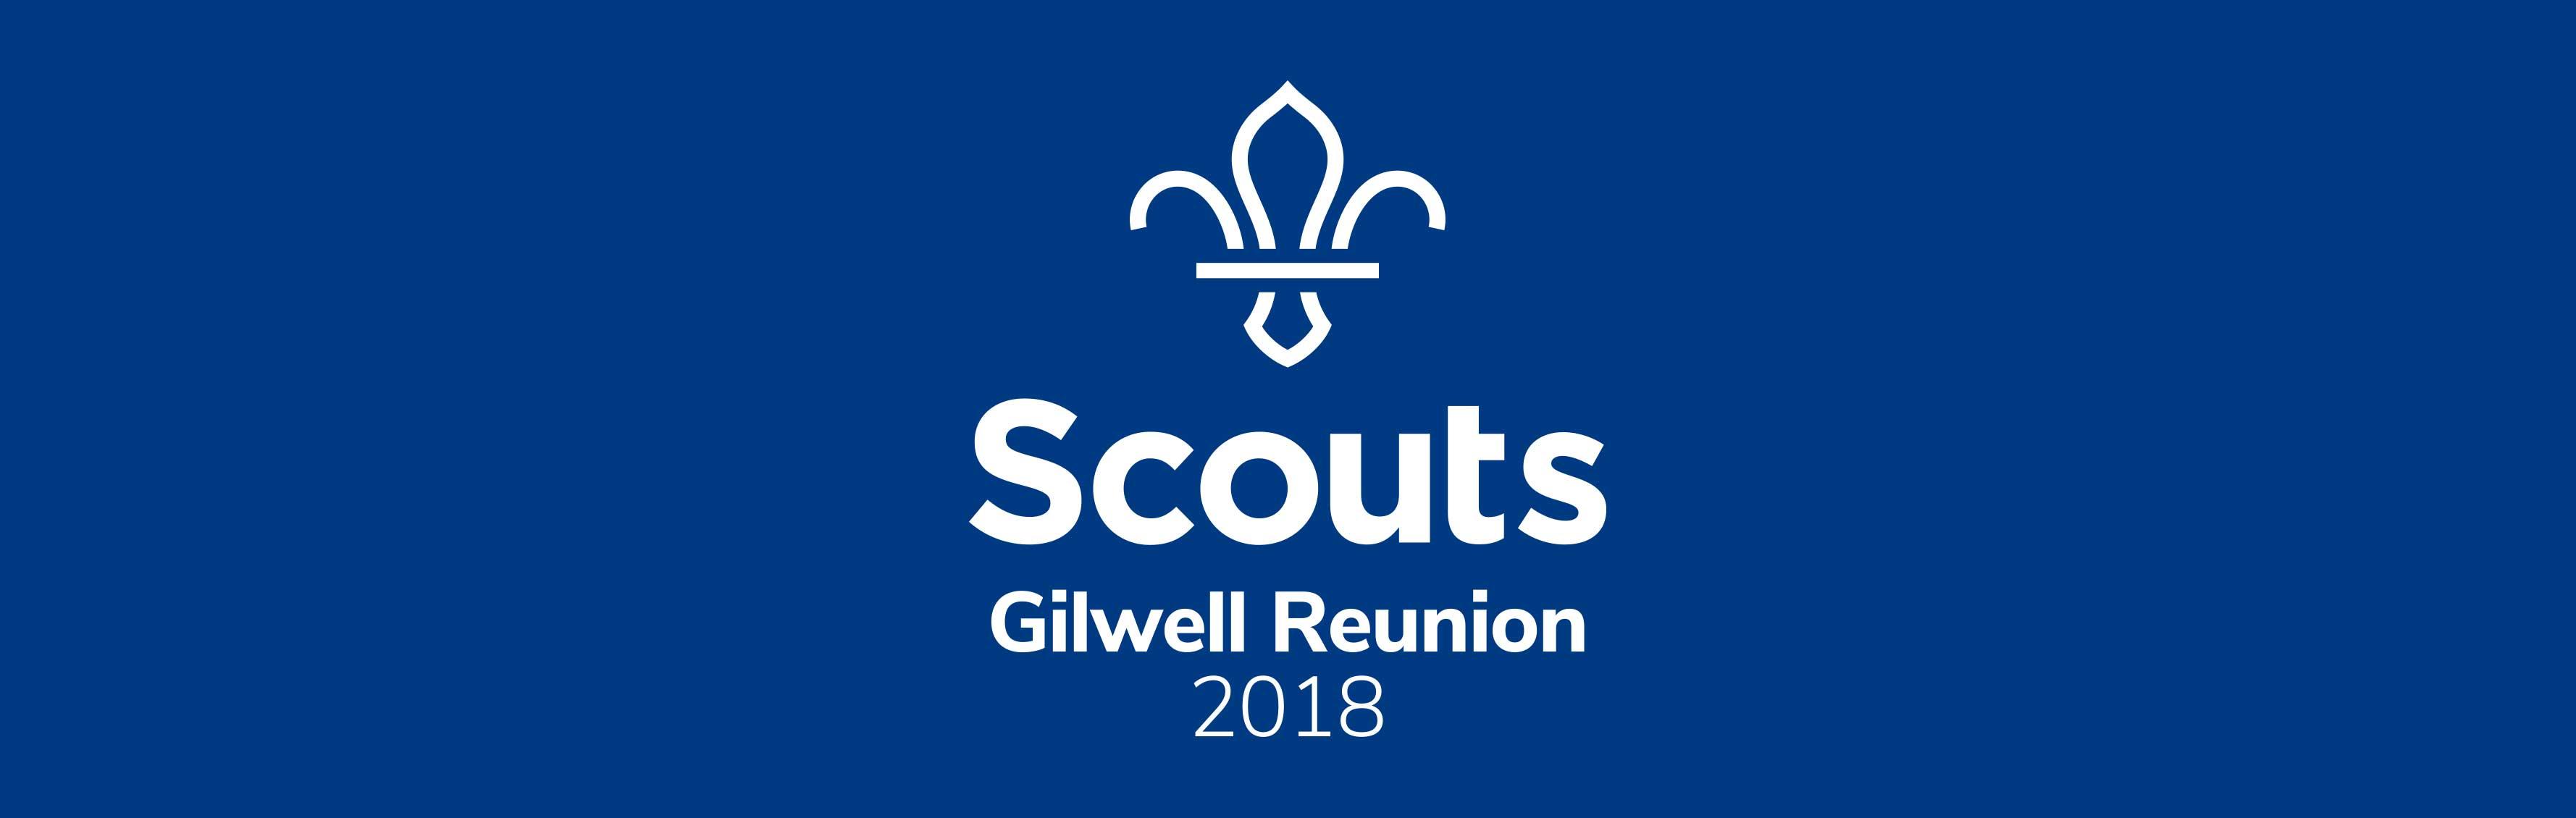 Gilwell Reunion 2018 – Dwayne Fields Keynote